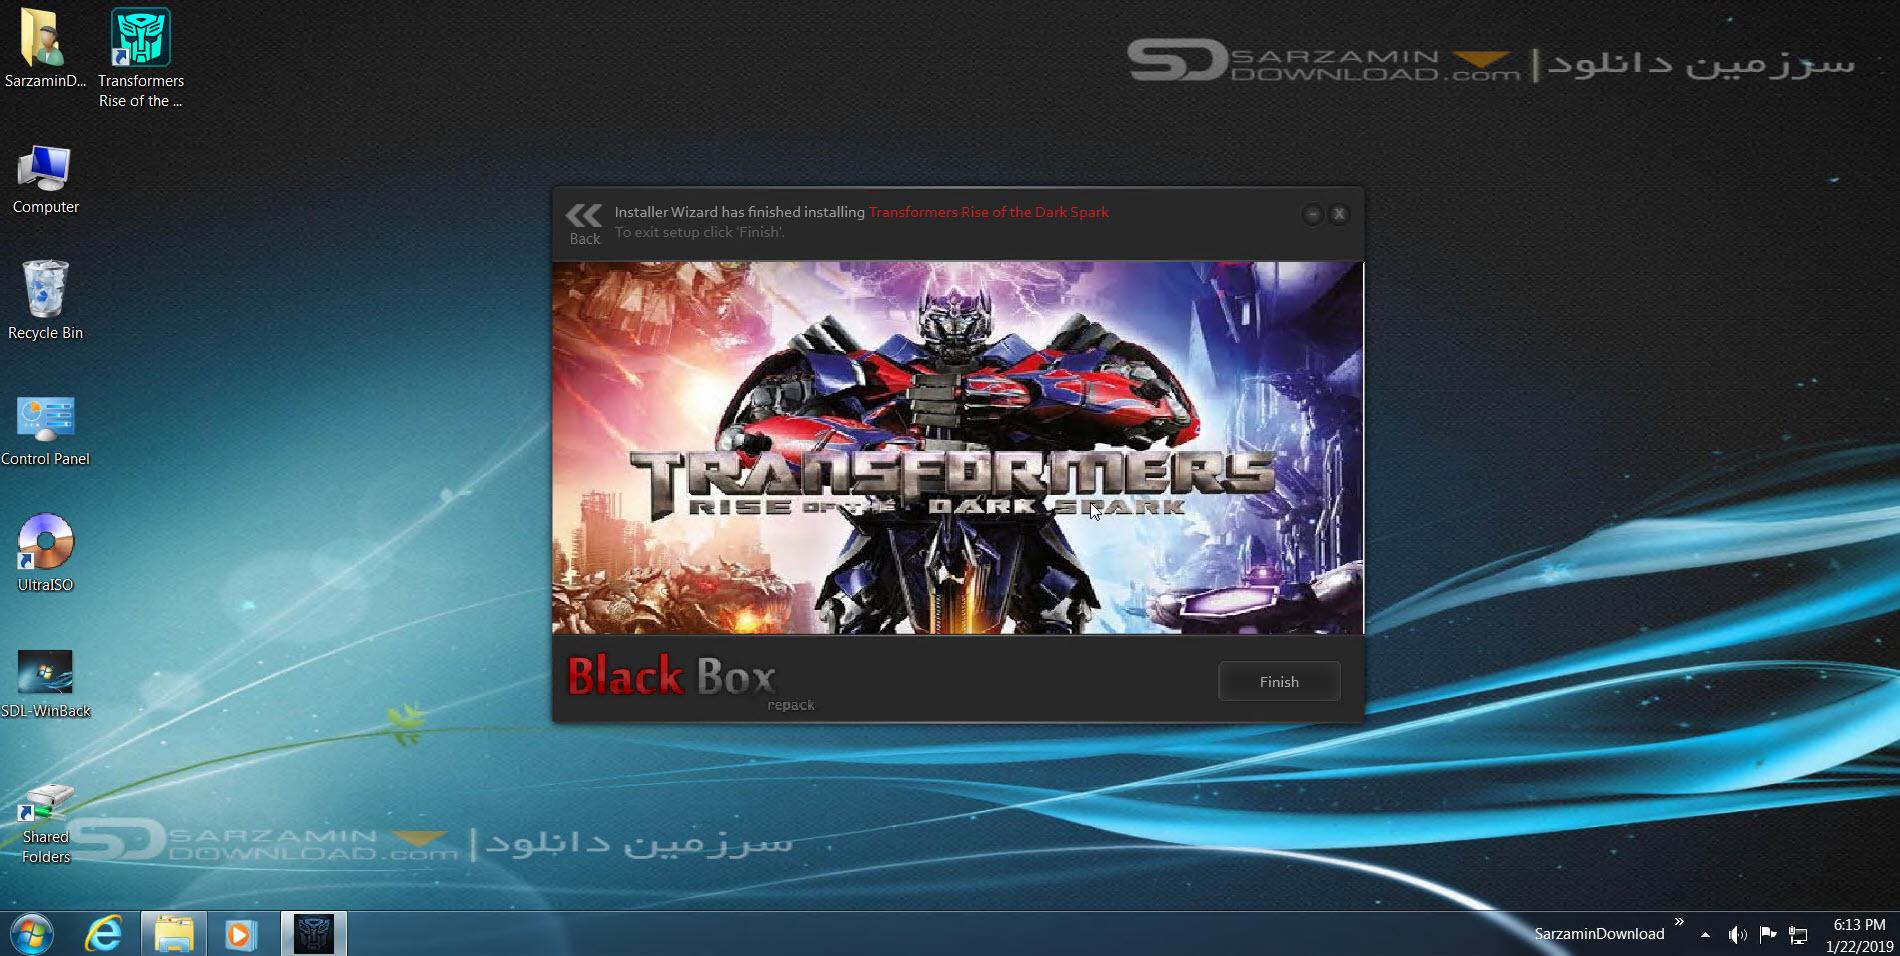 بازی تبدیل شوندگان 4 ، نسخه رستاخیز شعله سیاه (برای کامپیوتر) - Transformers Rise of the Dark Spark PC Game